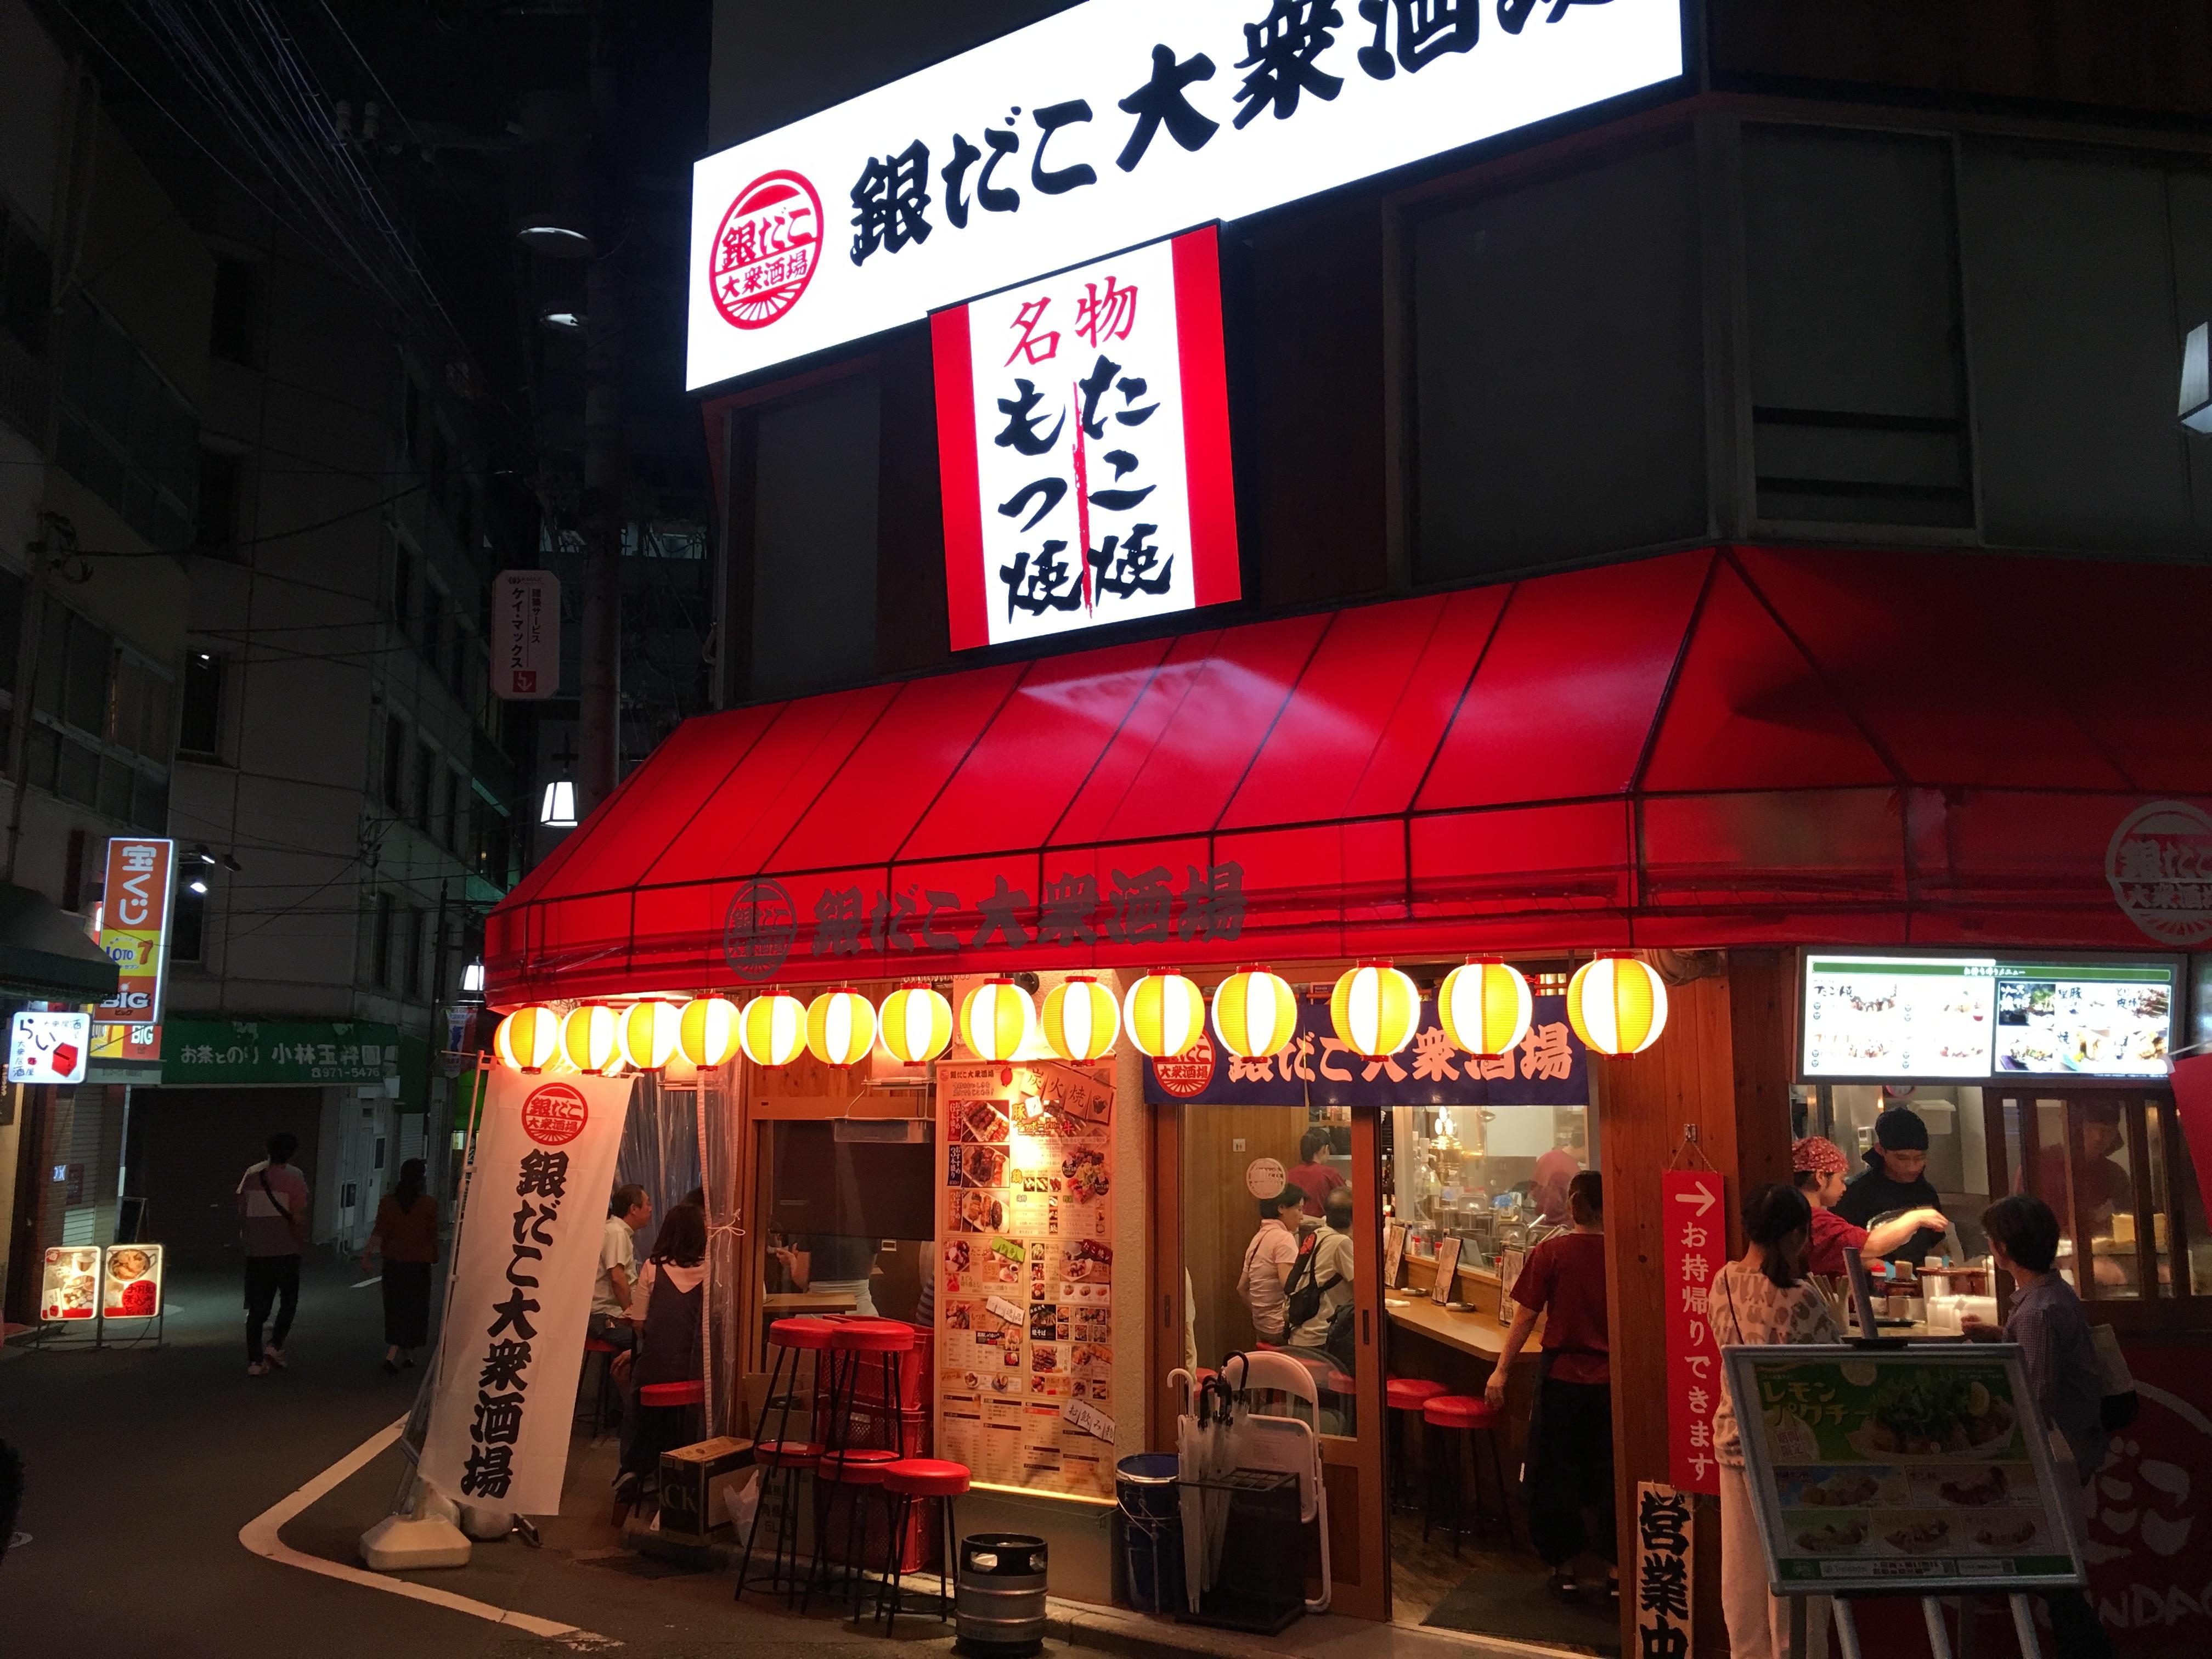 【大塚駅】大きな屋台みたい!「銀だこ 大衆酒場 大塚店」の外観